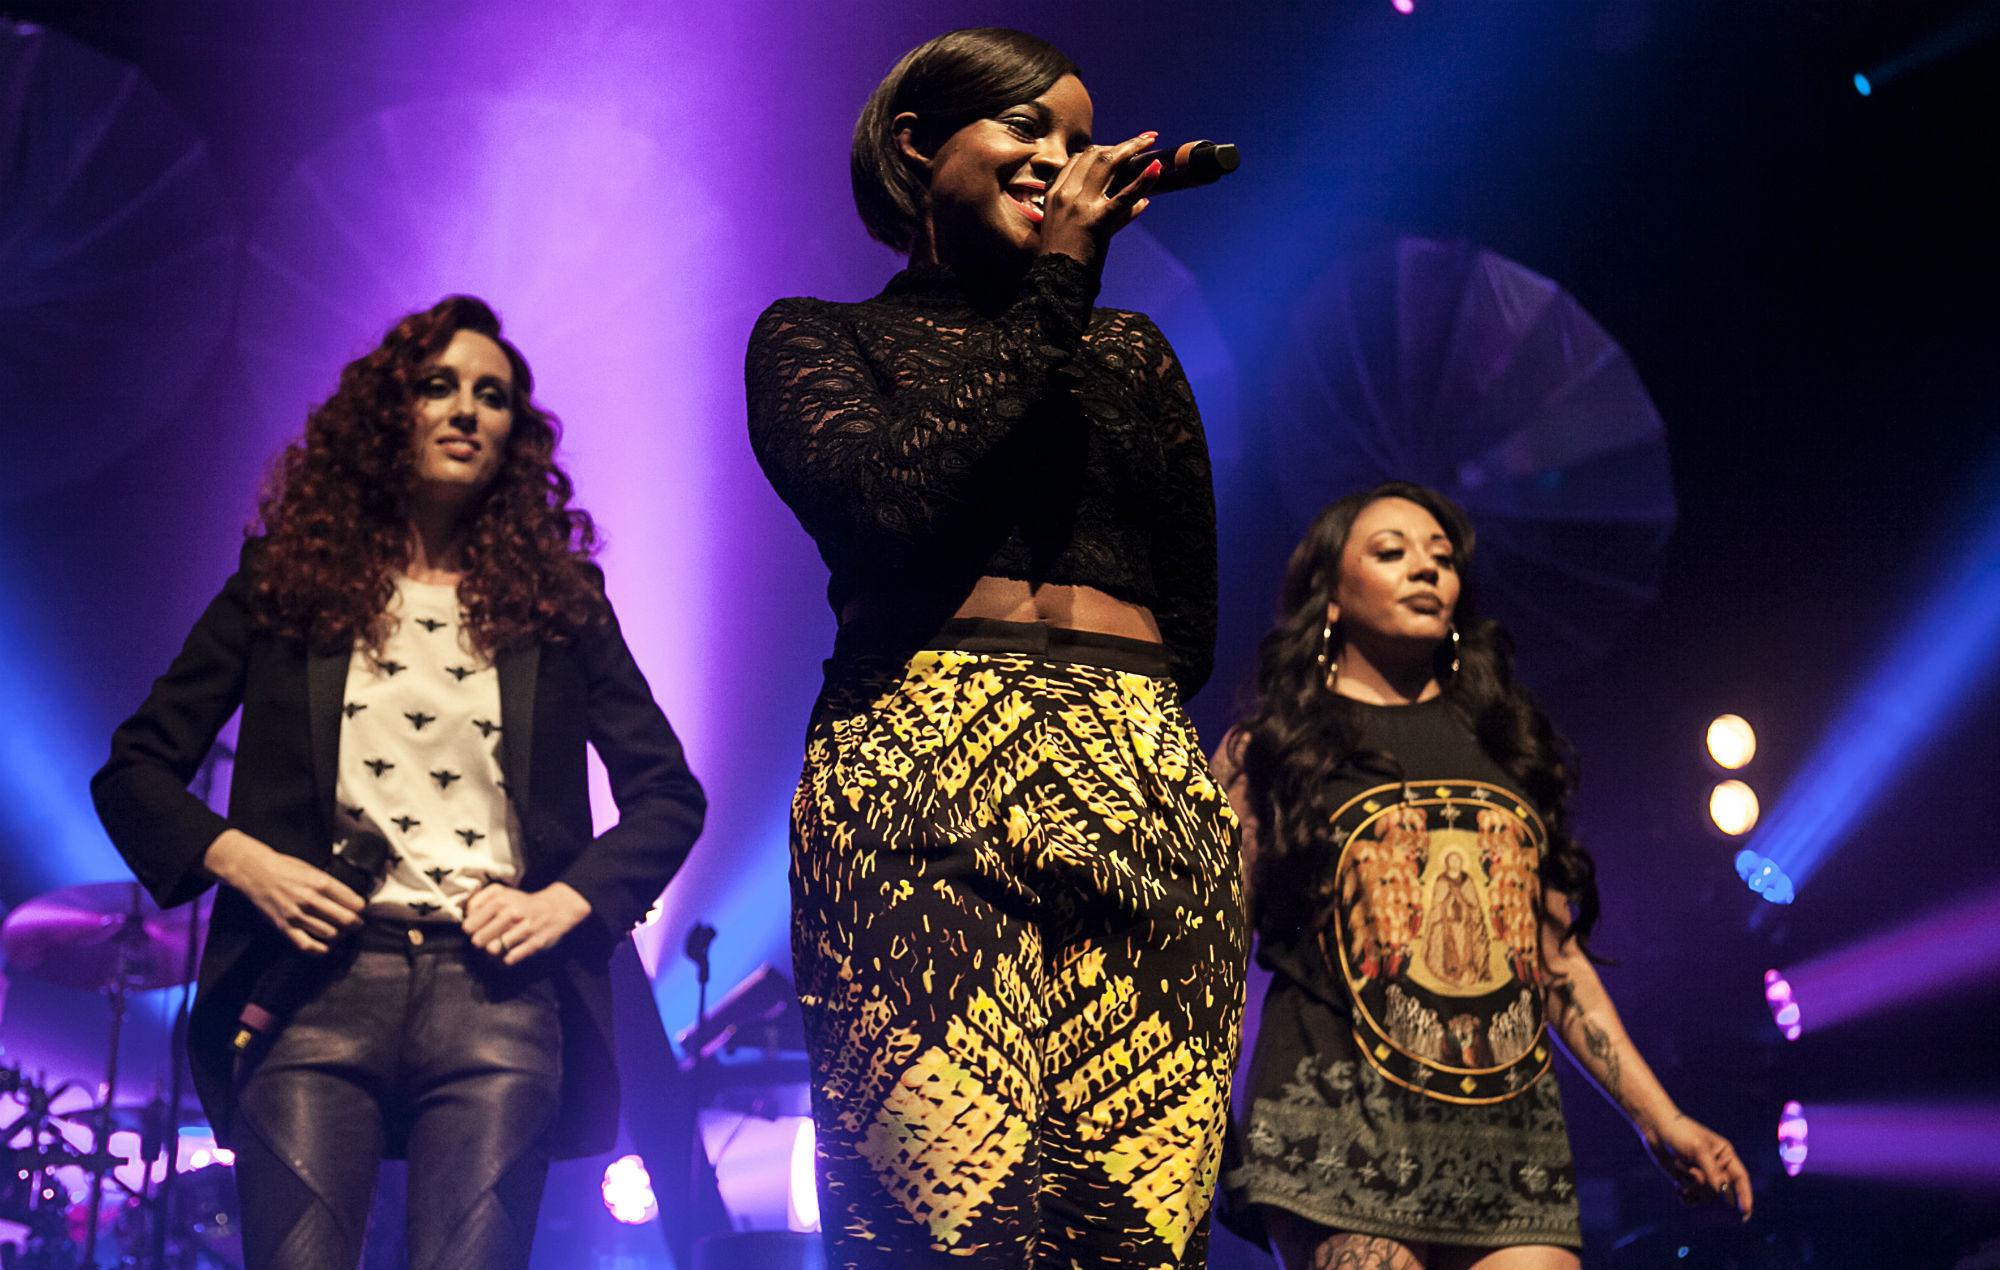 Mutya Buena, Keisha Buchanan and Siobhan Donaghy drop a hint about new material as Sugababes